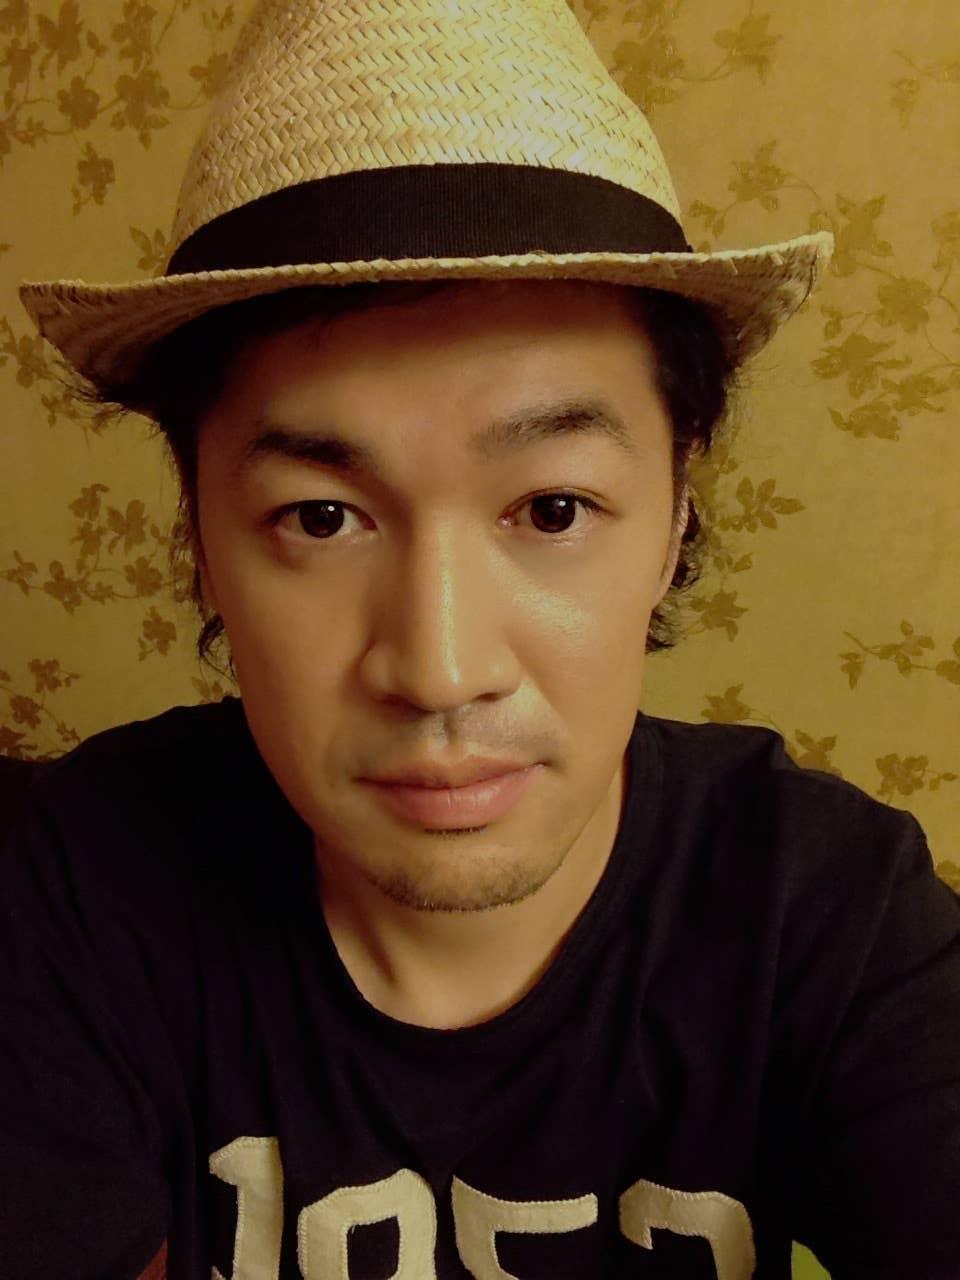 Nagao Takahiro